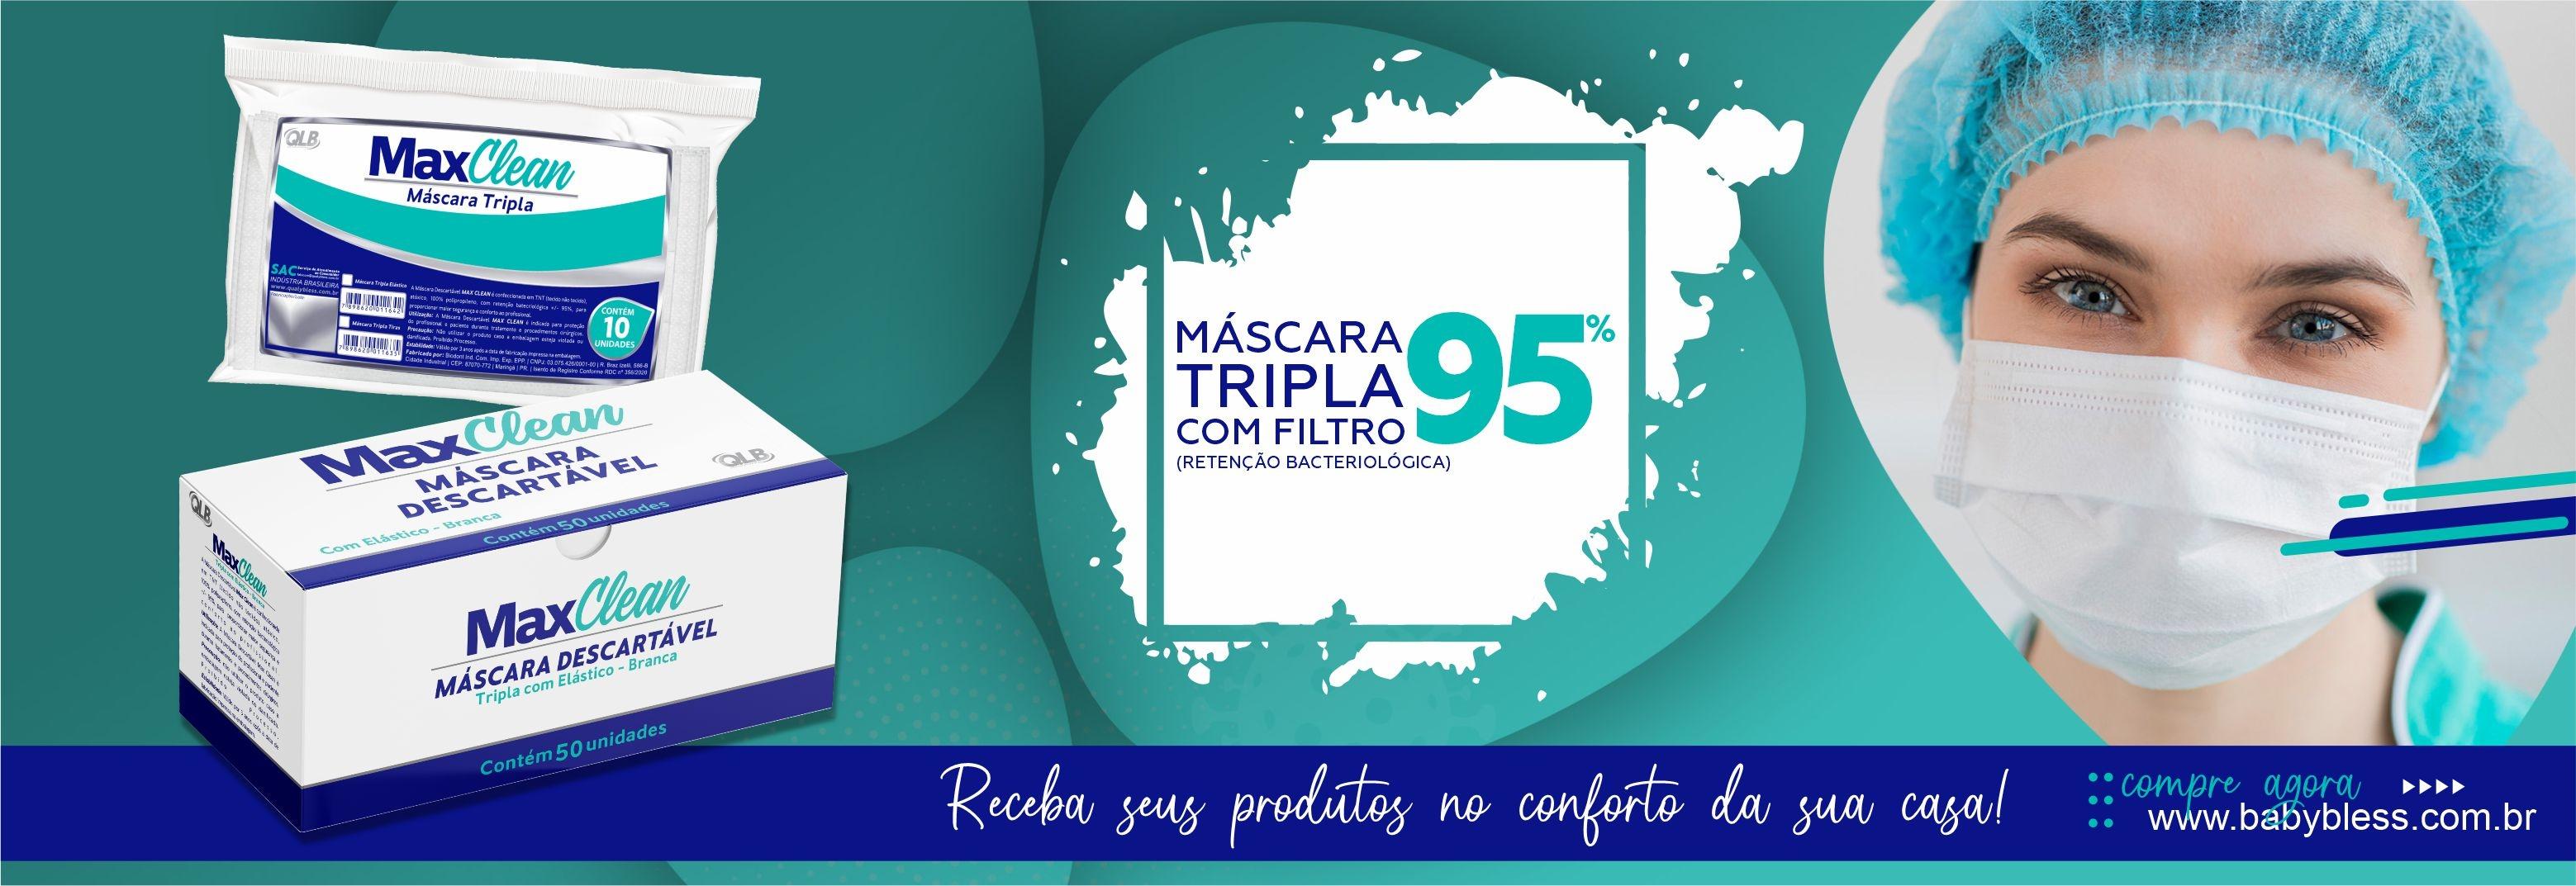 Banner Mascara max clean